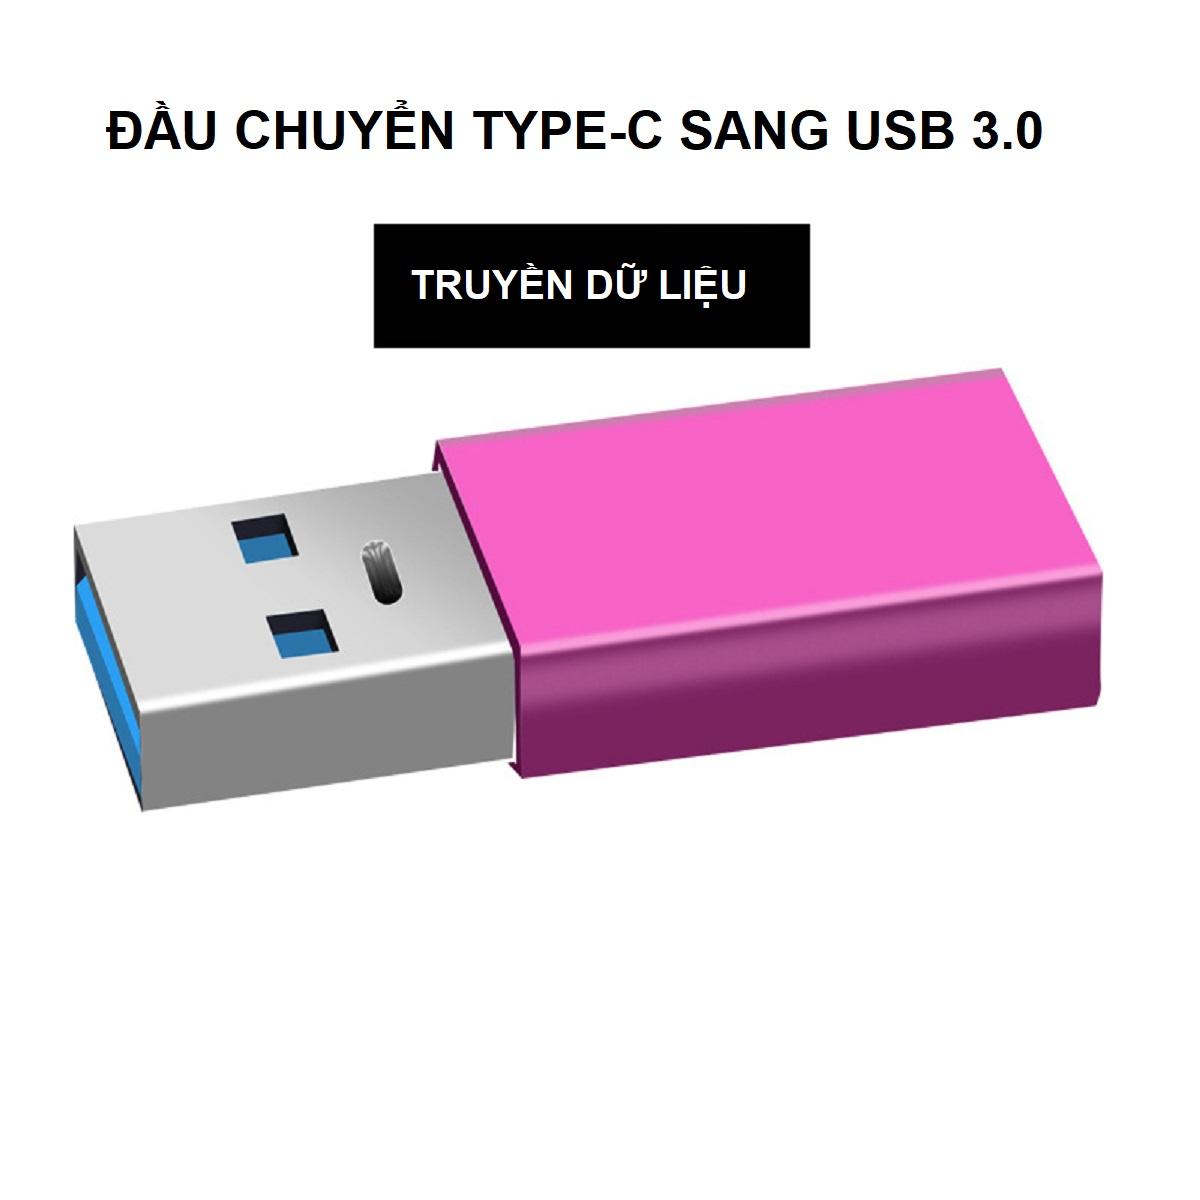 Đầu Chuyển Đổi USB 3.0 Sang USB Type C